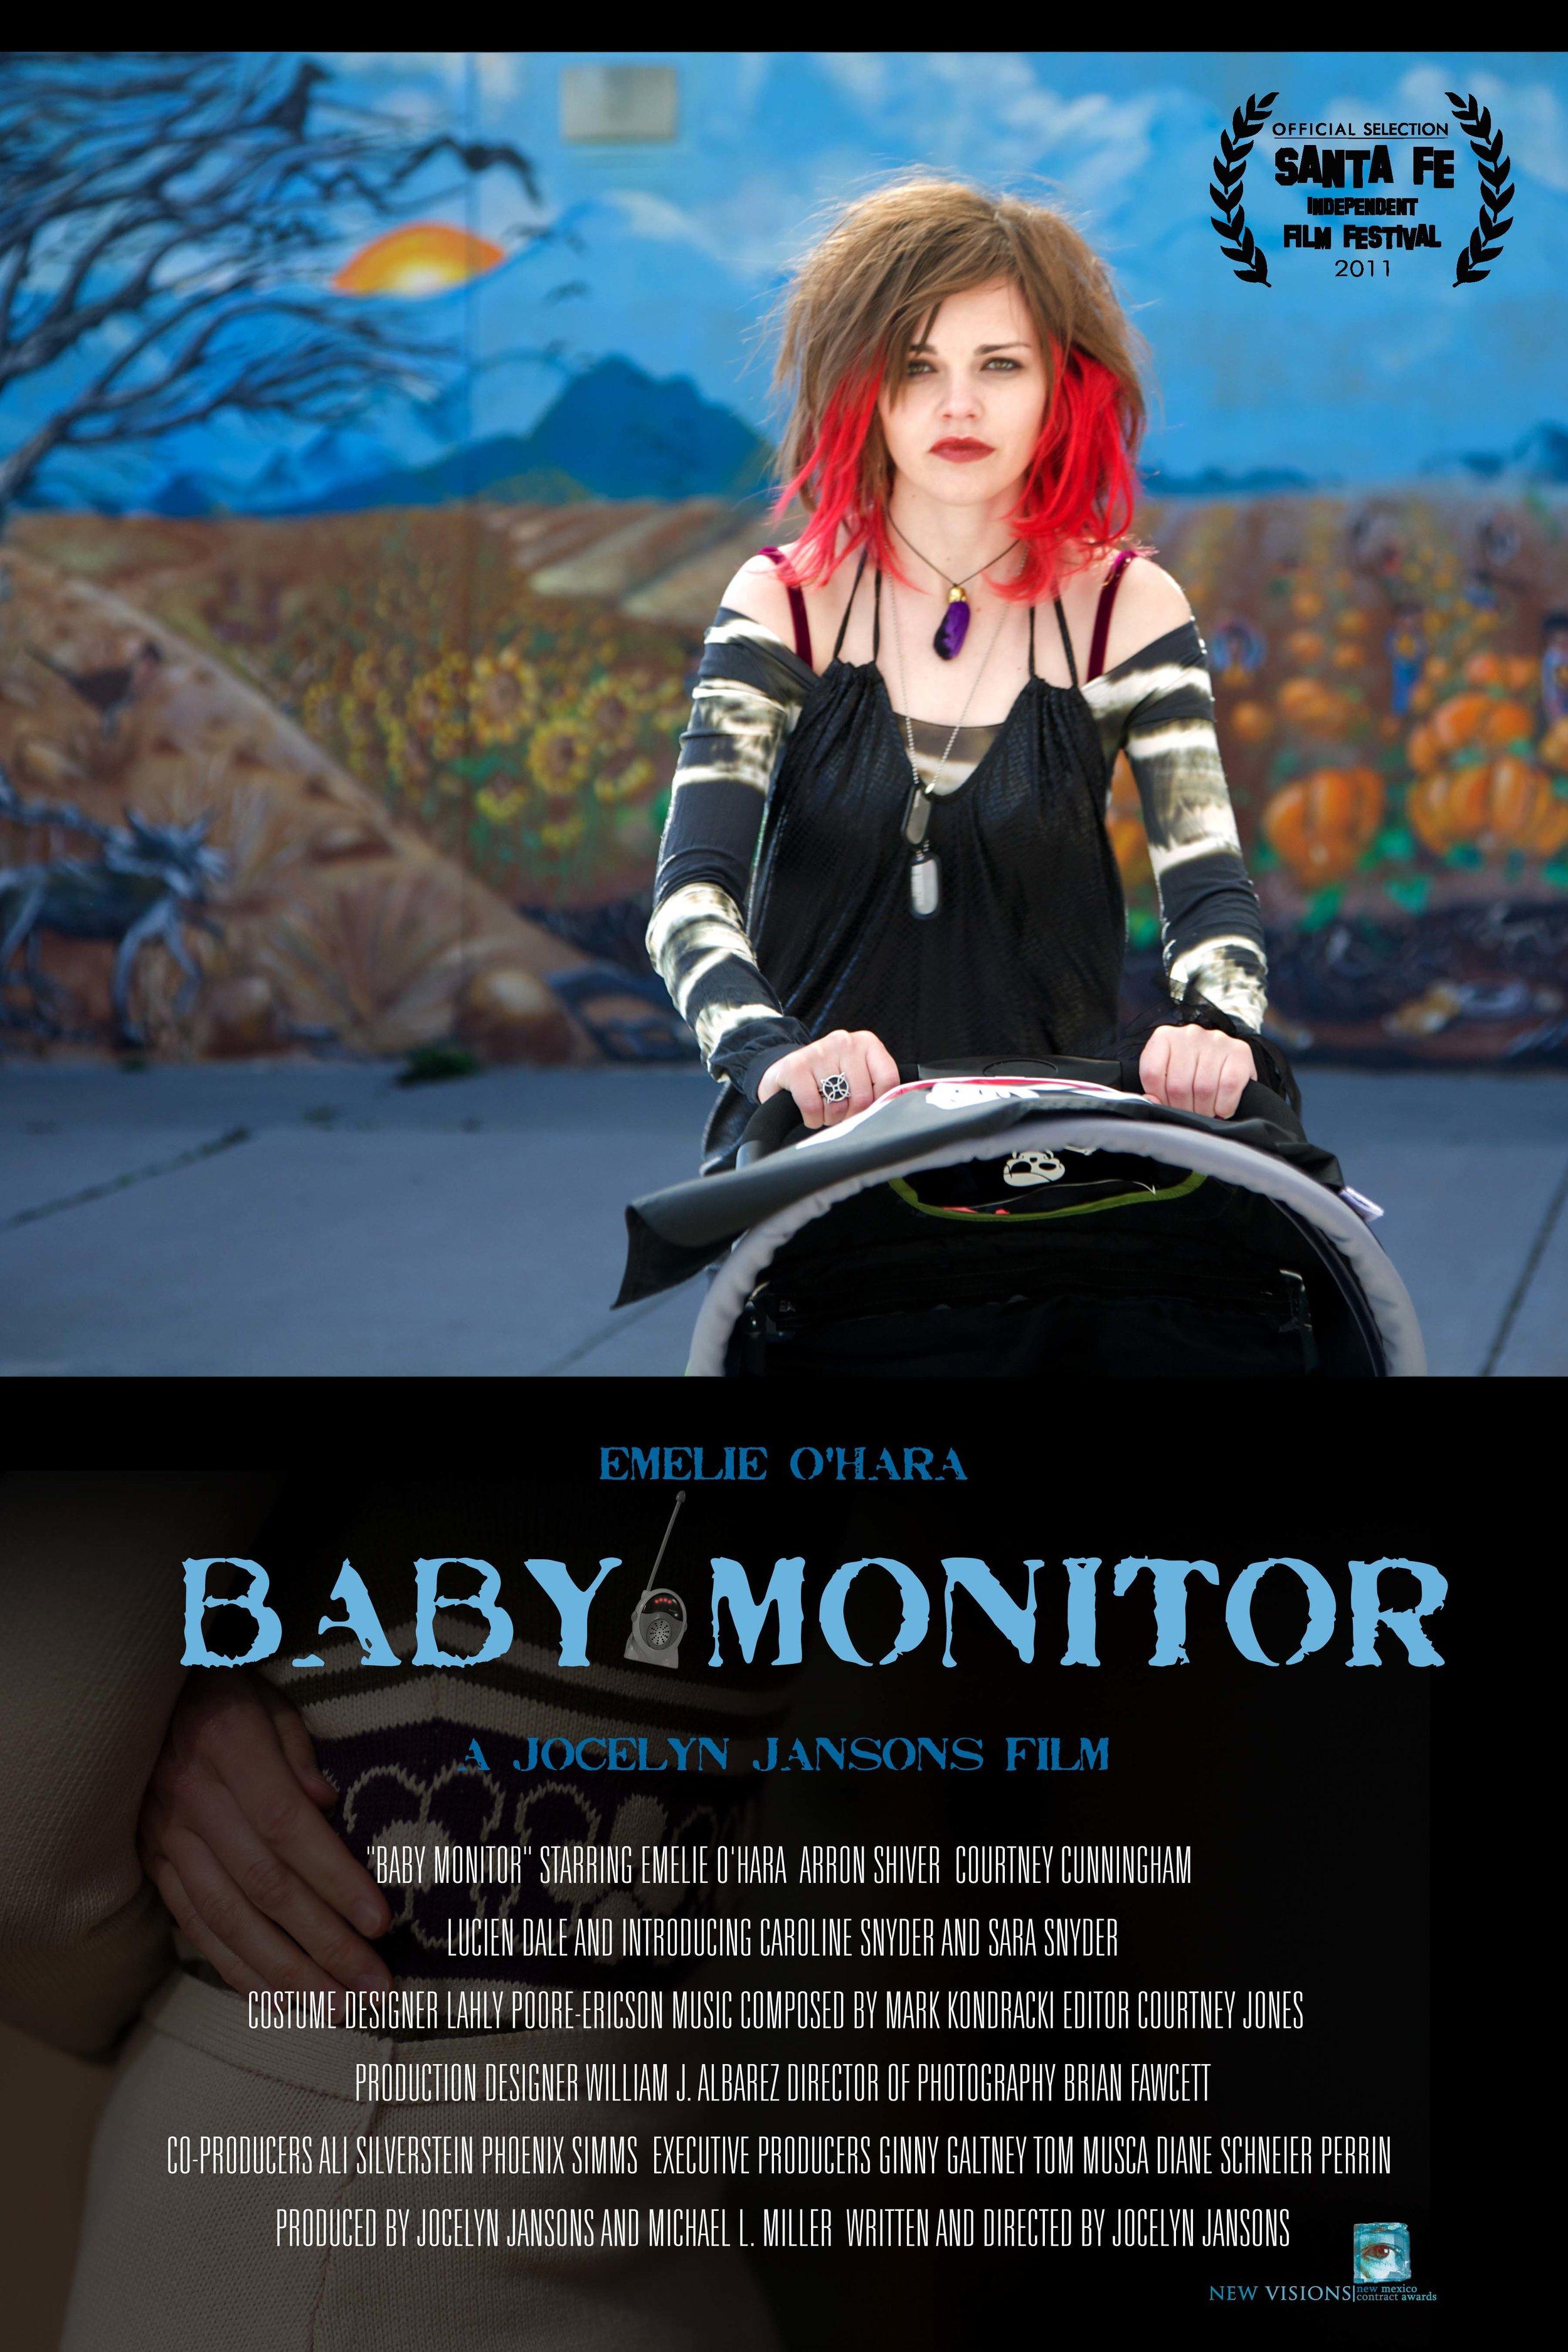 Poster image and design by Gabriella Marks. Actress Emelie O'Hara as Susannah.